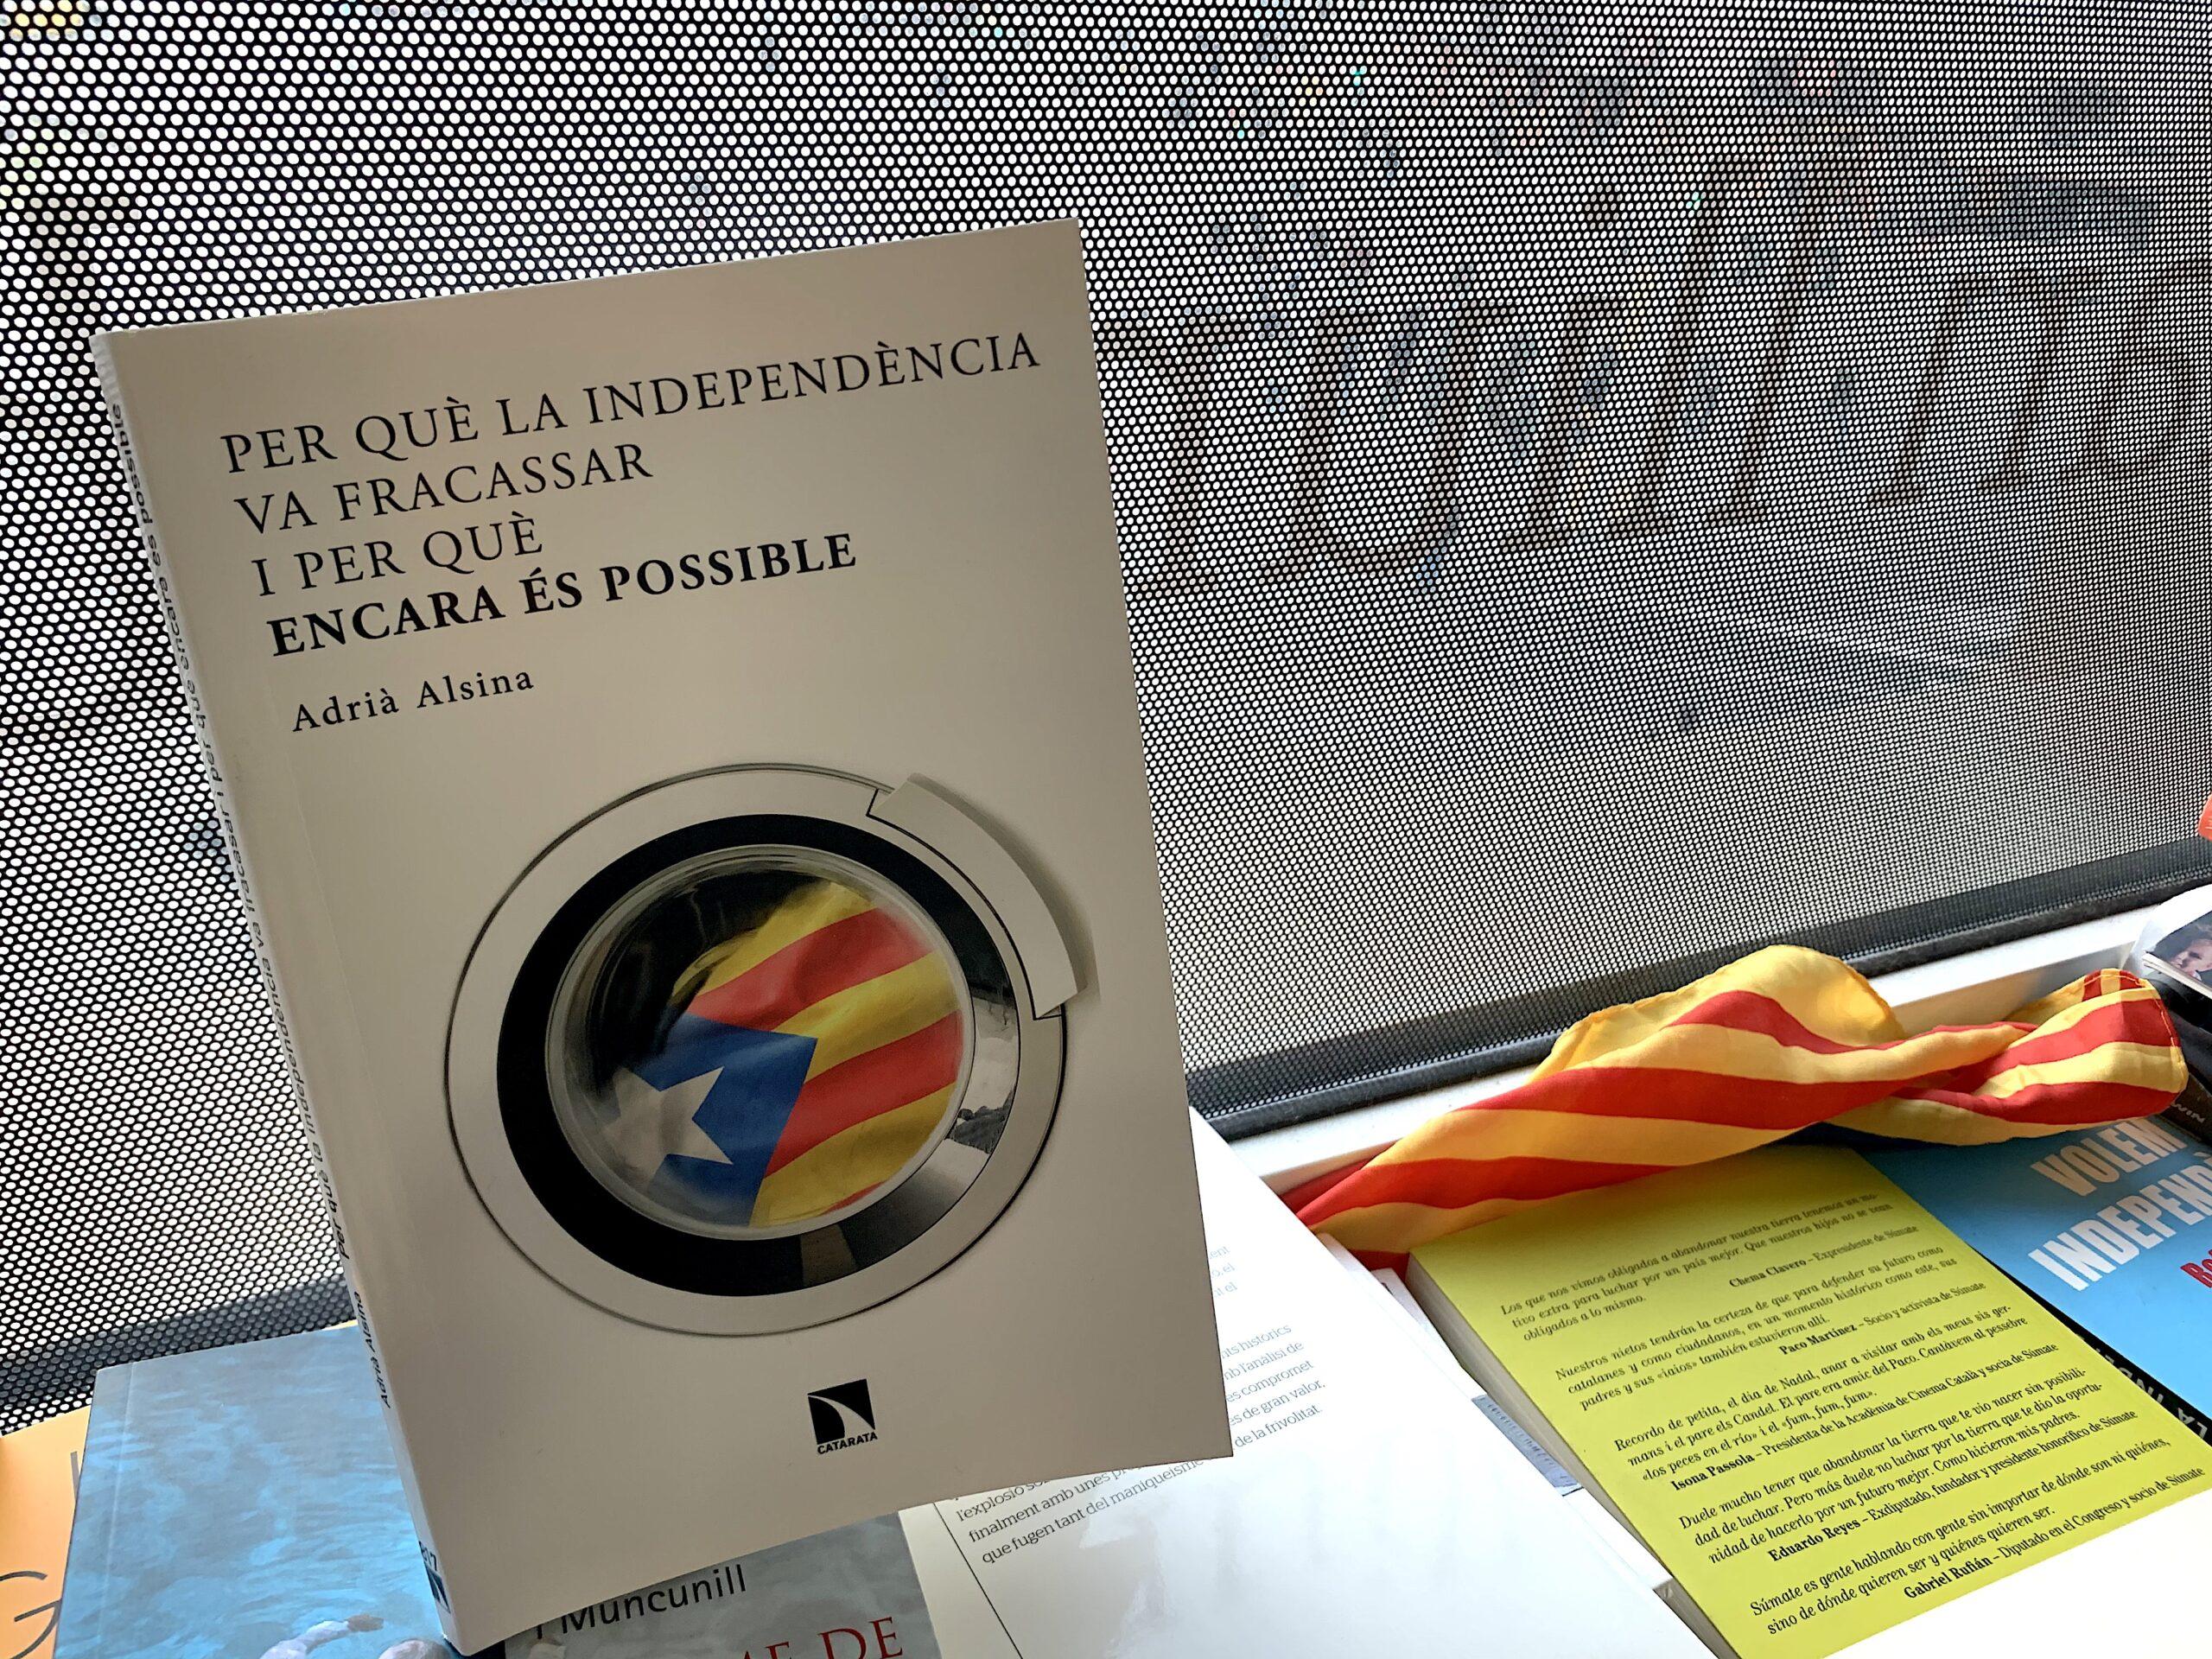 El llibre 'Per què la independència va fracassar i per què encara és possible', d'Adrià Alsina (Editorial Catarata)